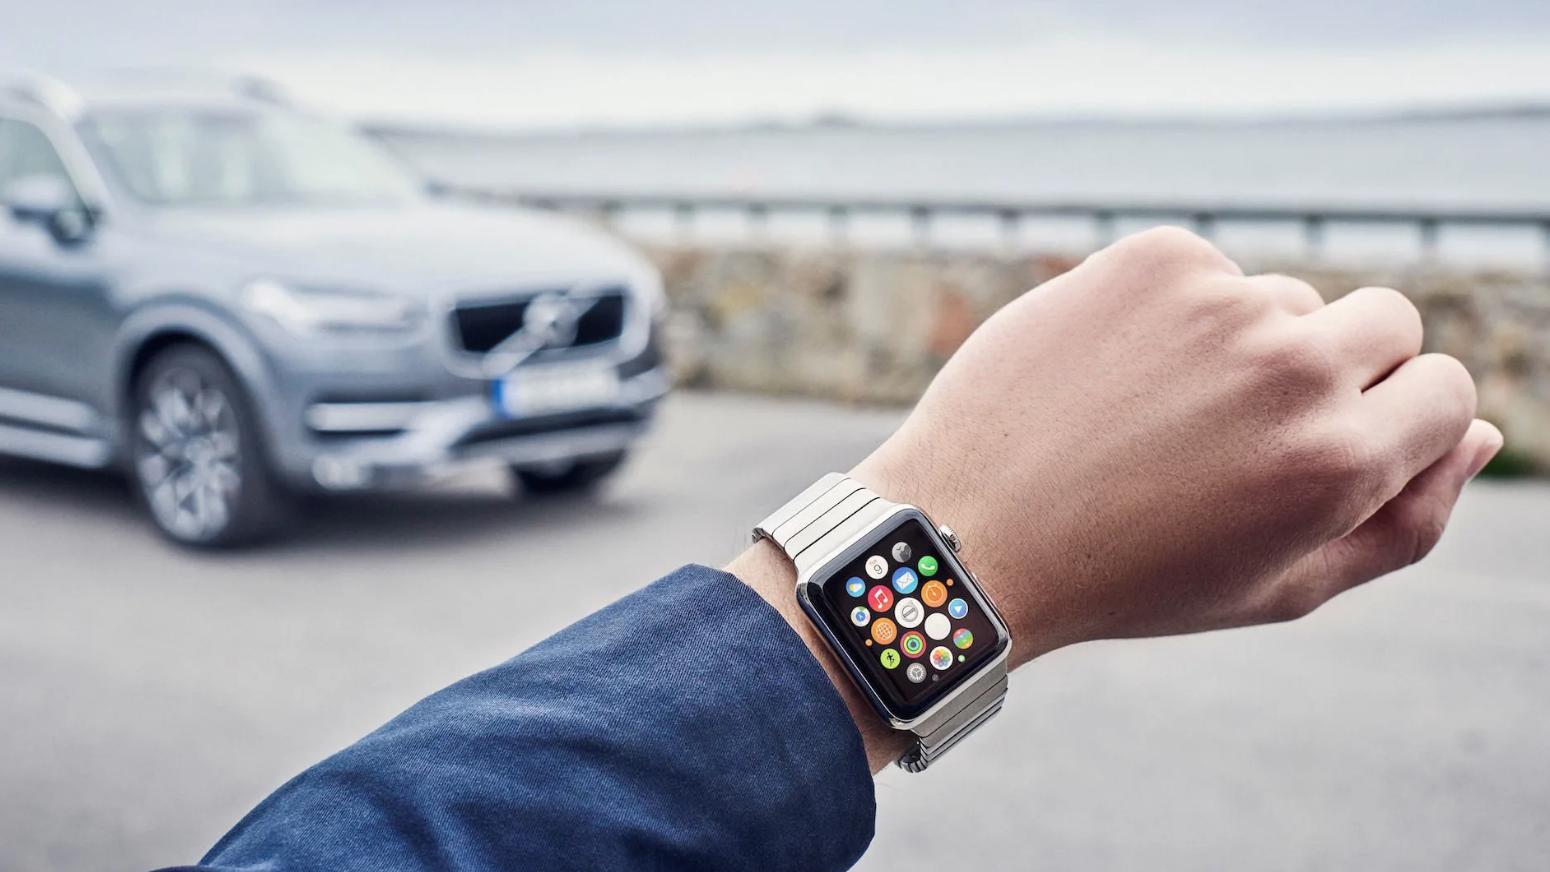 iPhone, Apple Watch sắp có tính năng mở khoá ôtô